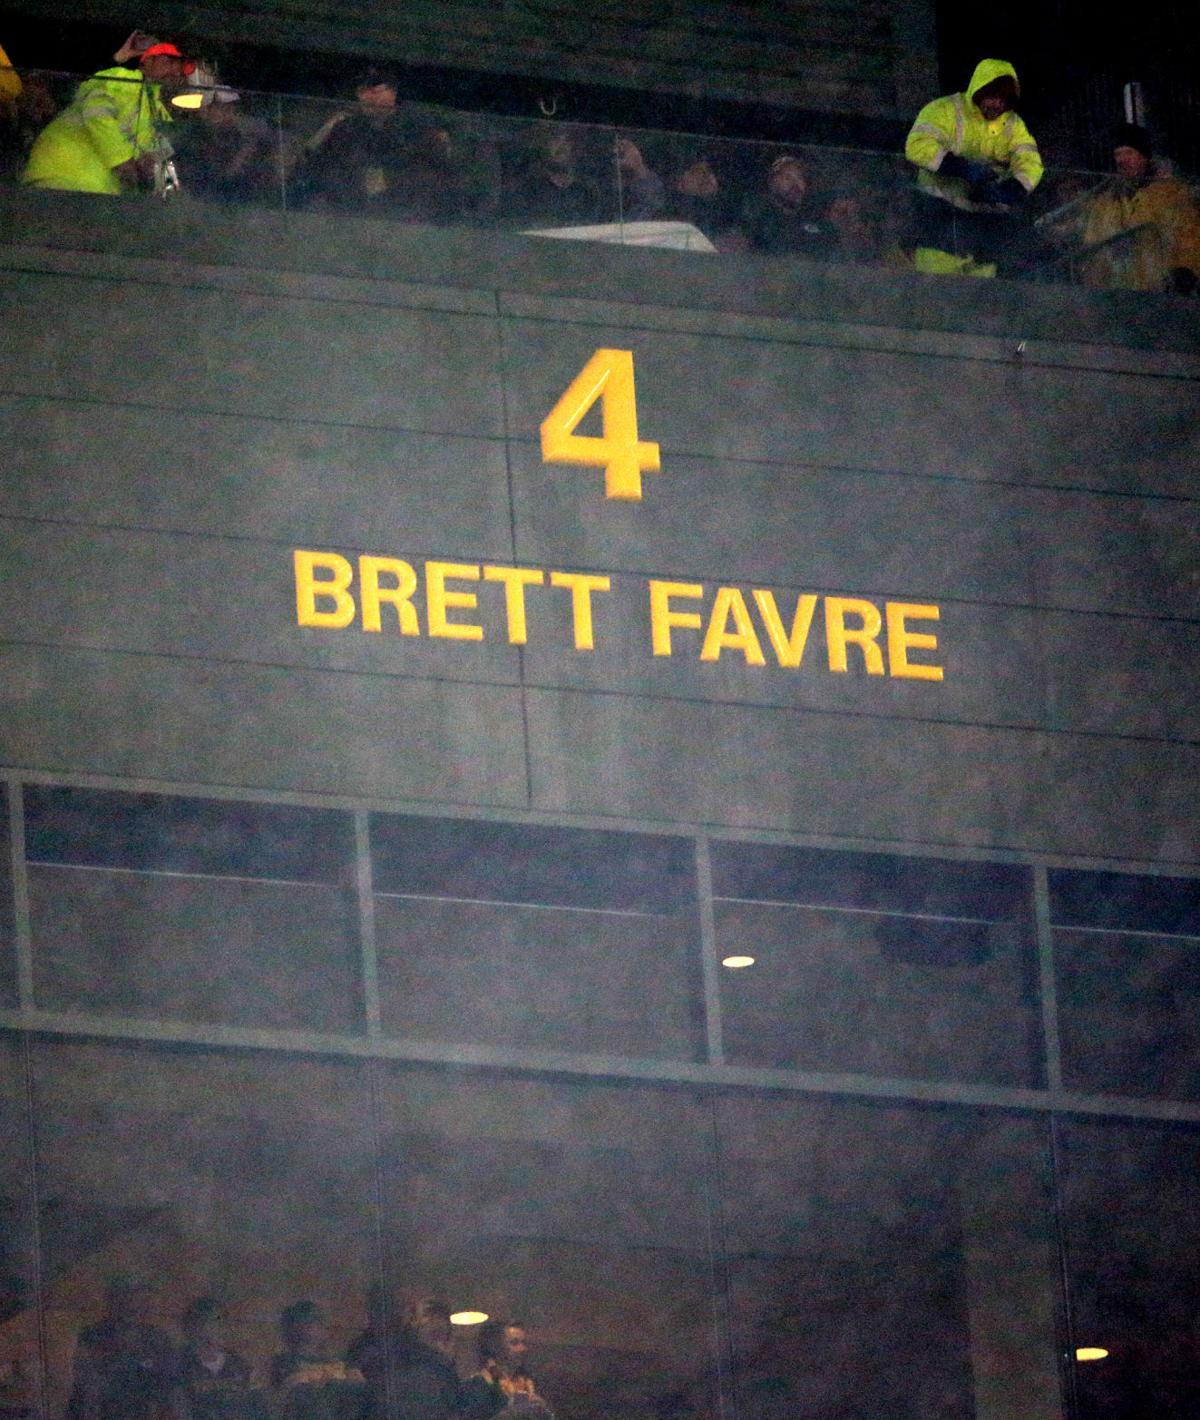 Packers: Fans rejoice as Brett Favre, Bart Starr return to Lambeau